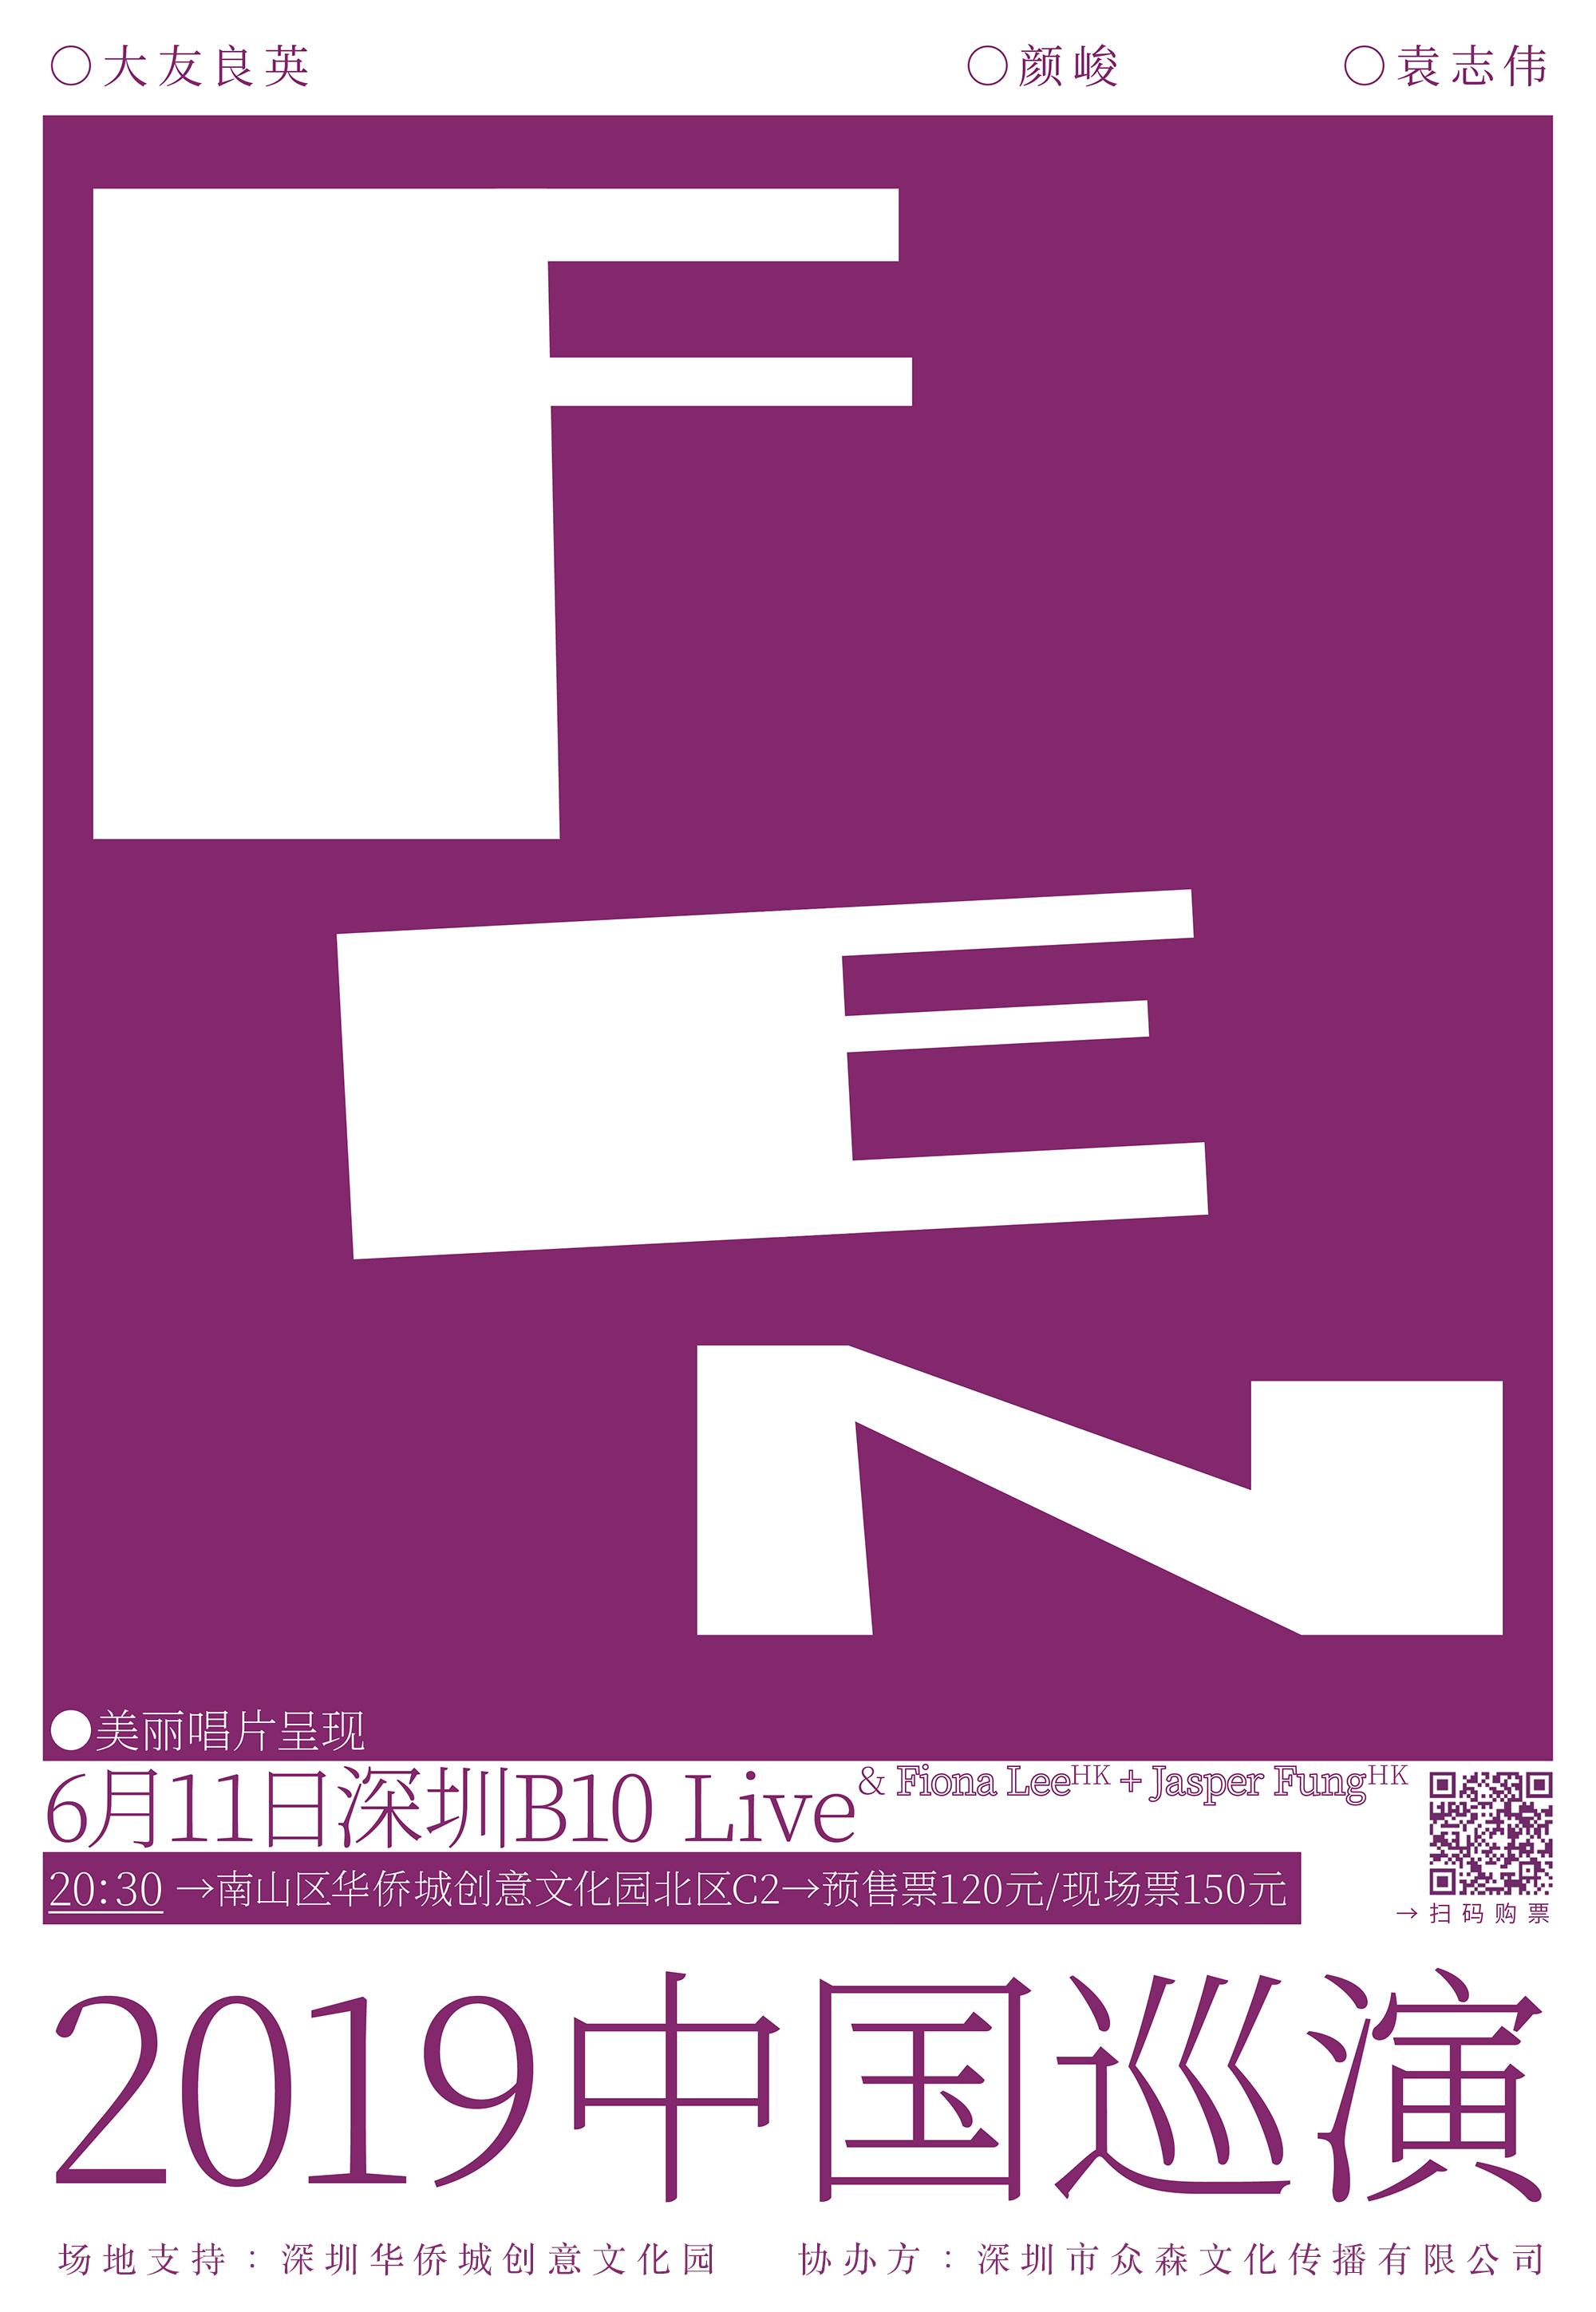 【海报】0611 FEN 小.jpg